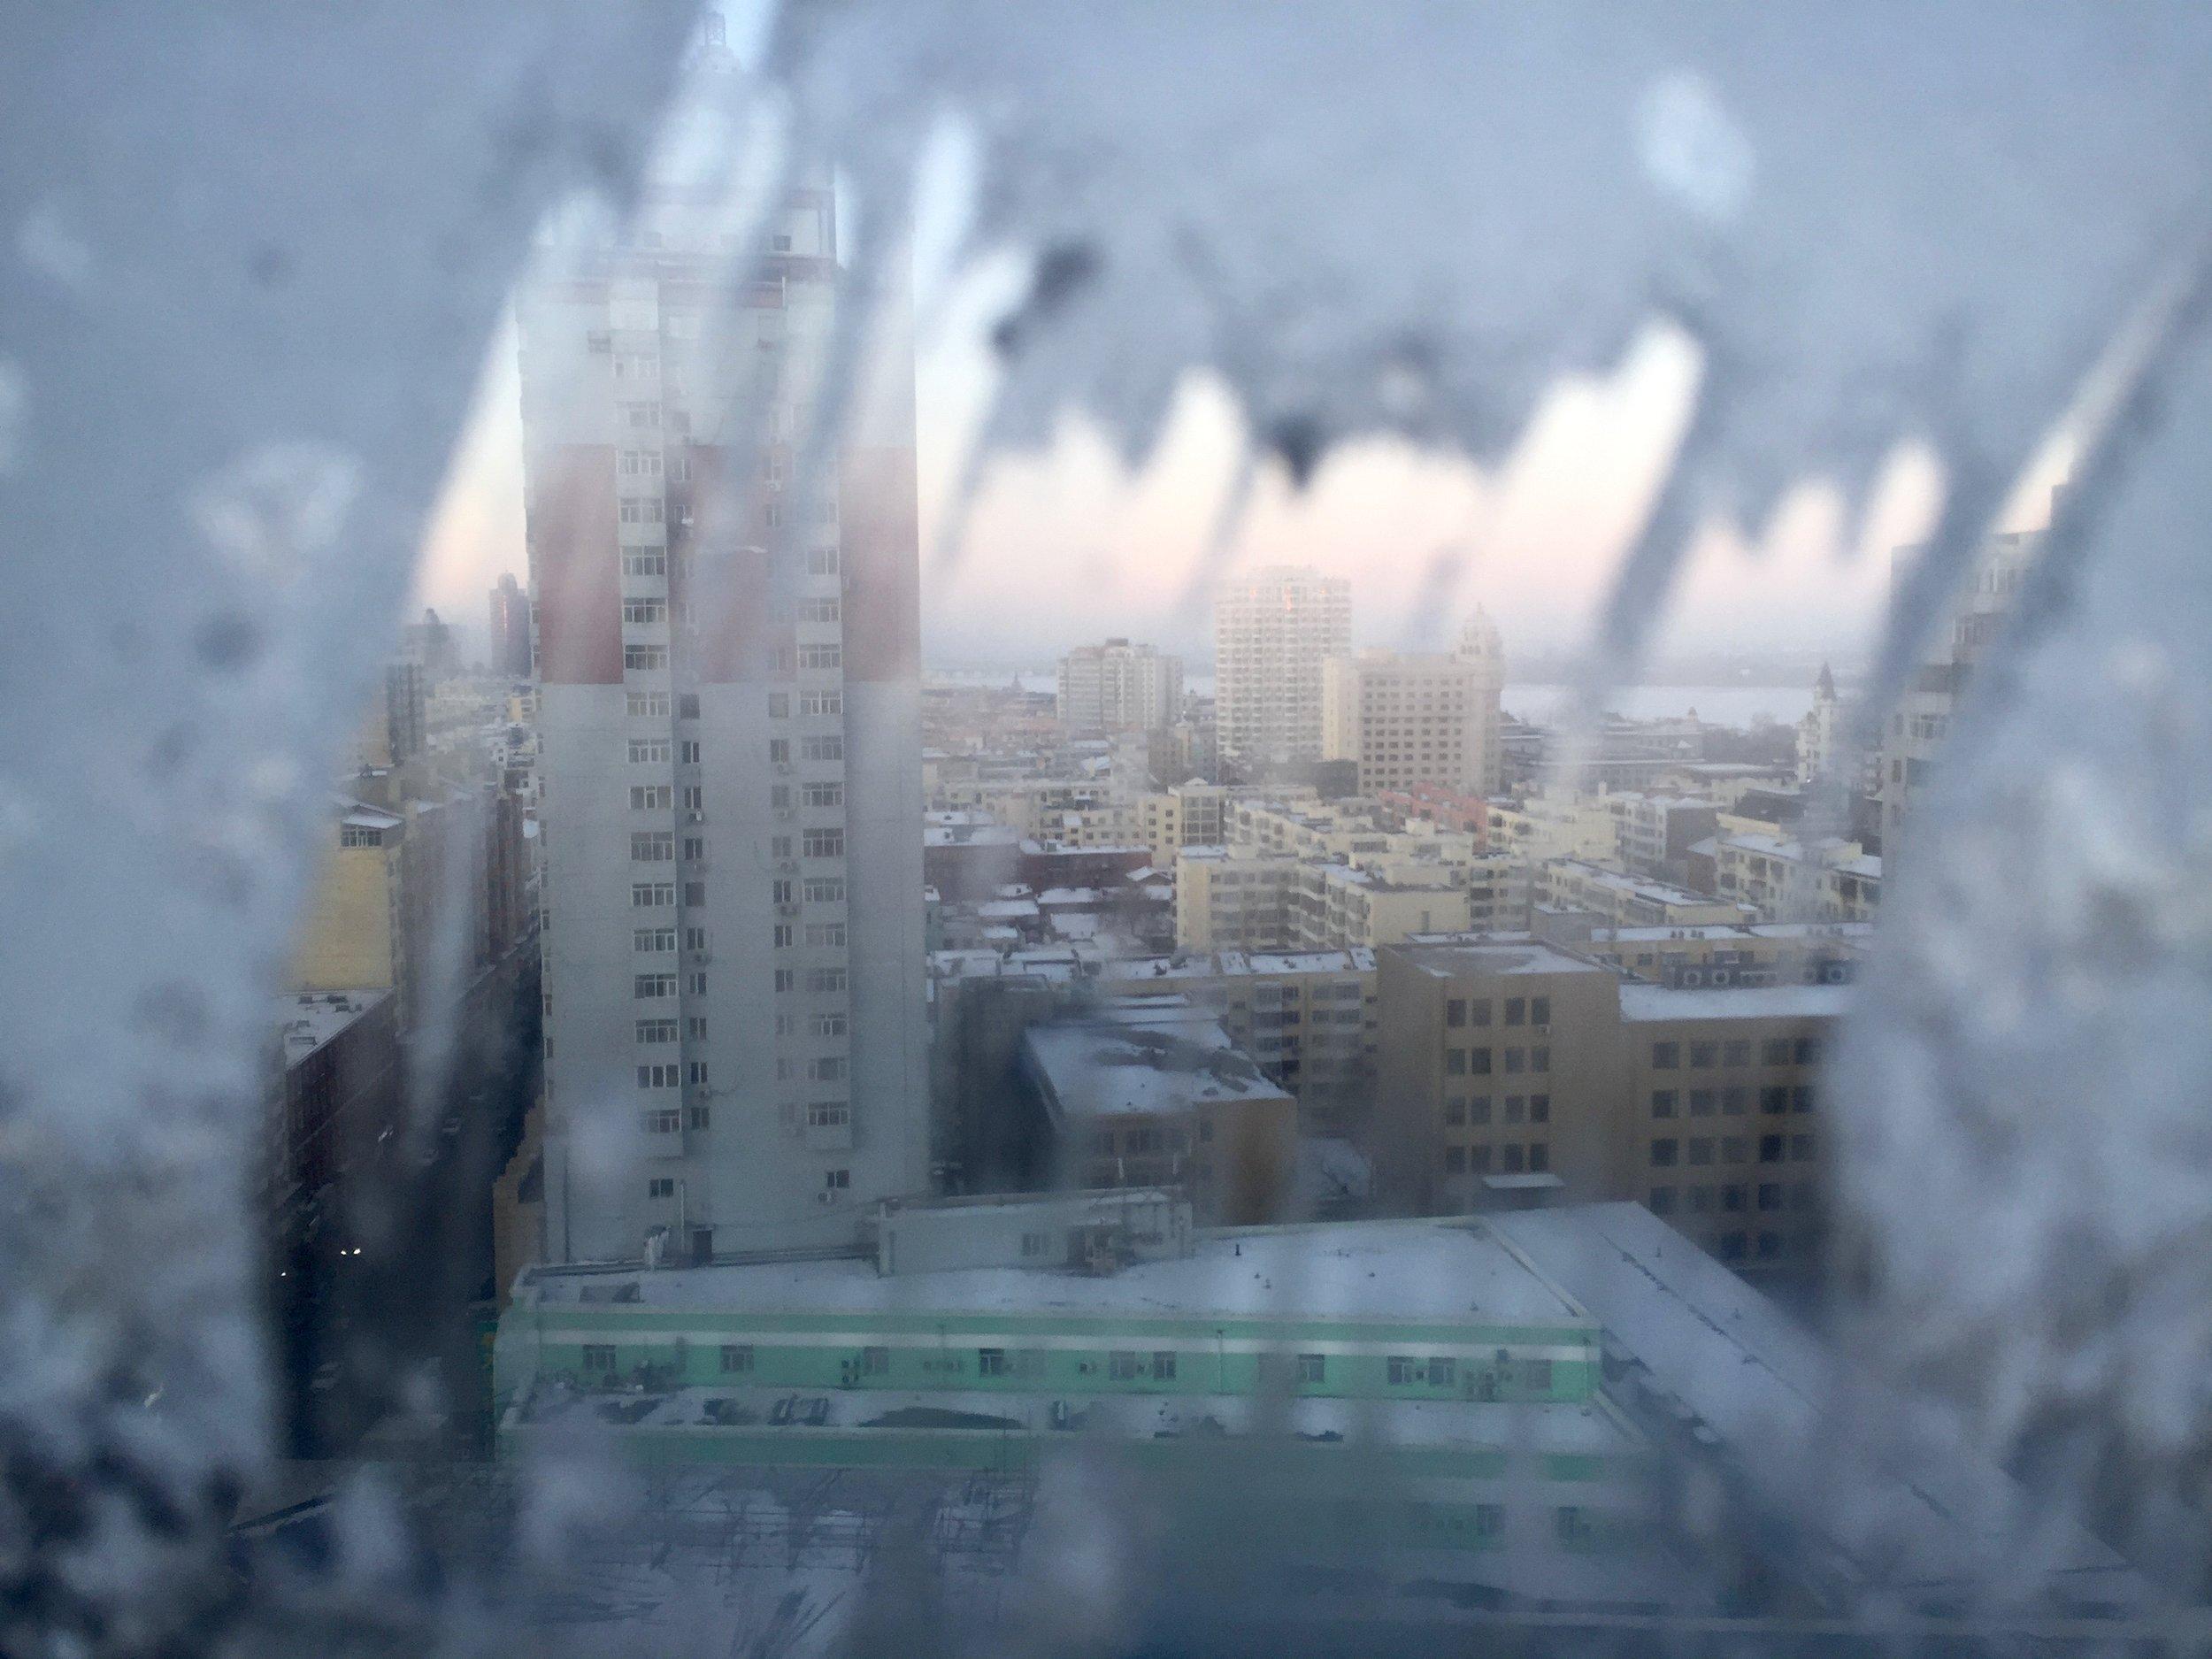 A frigid Harbin as viewed through a frozen window